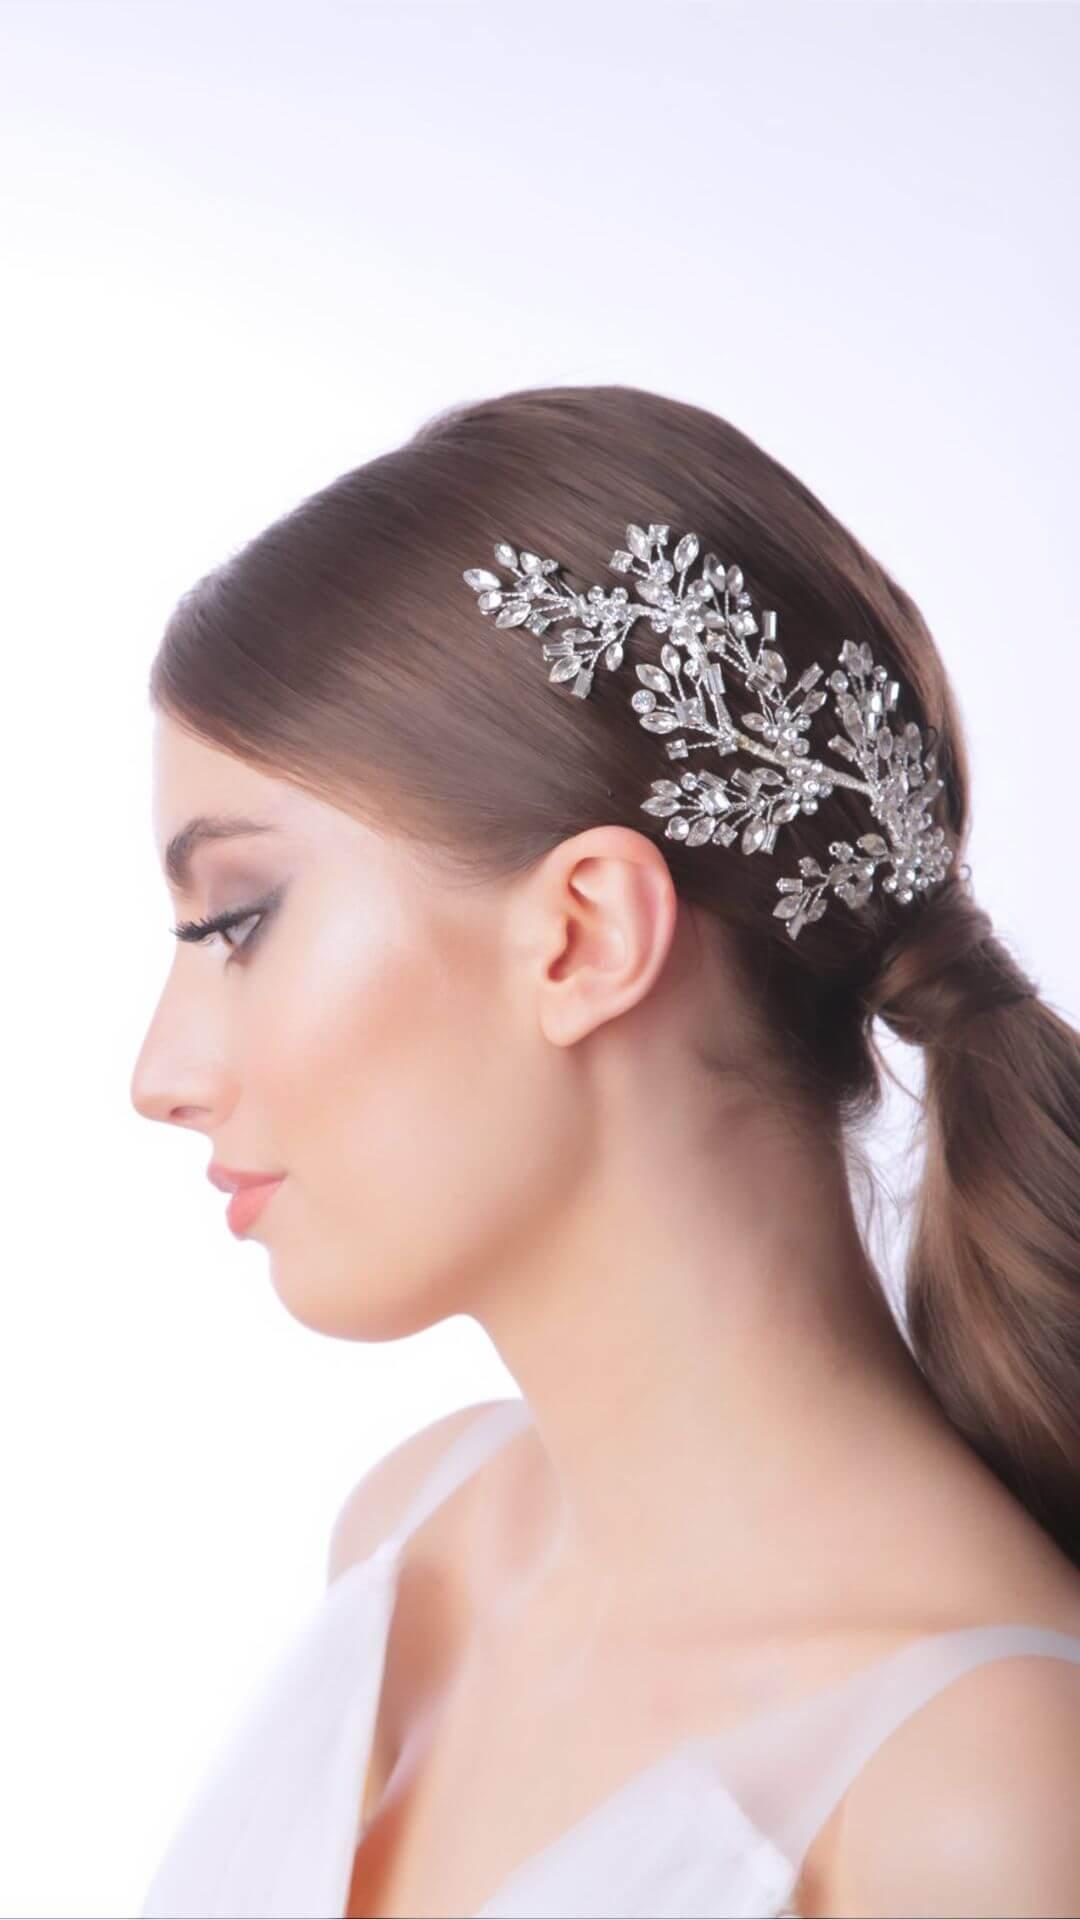 Consigue los mejores accesorios de novias en la Isla de Margarita y Caracas, Venezuela - Tocados para novia, cintillos de boda y mucho más con Bridal Room Boutique